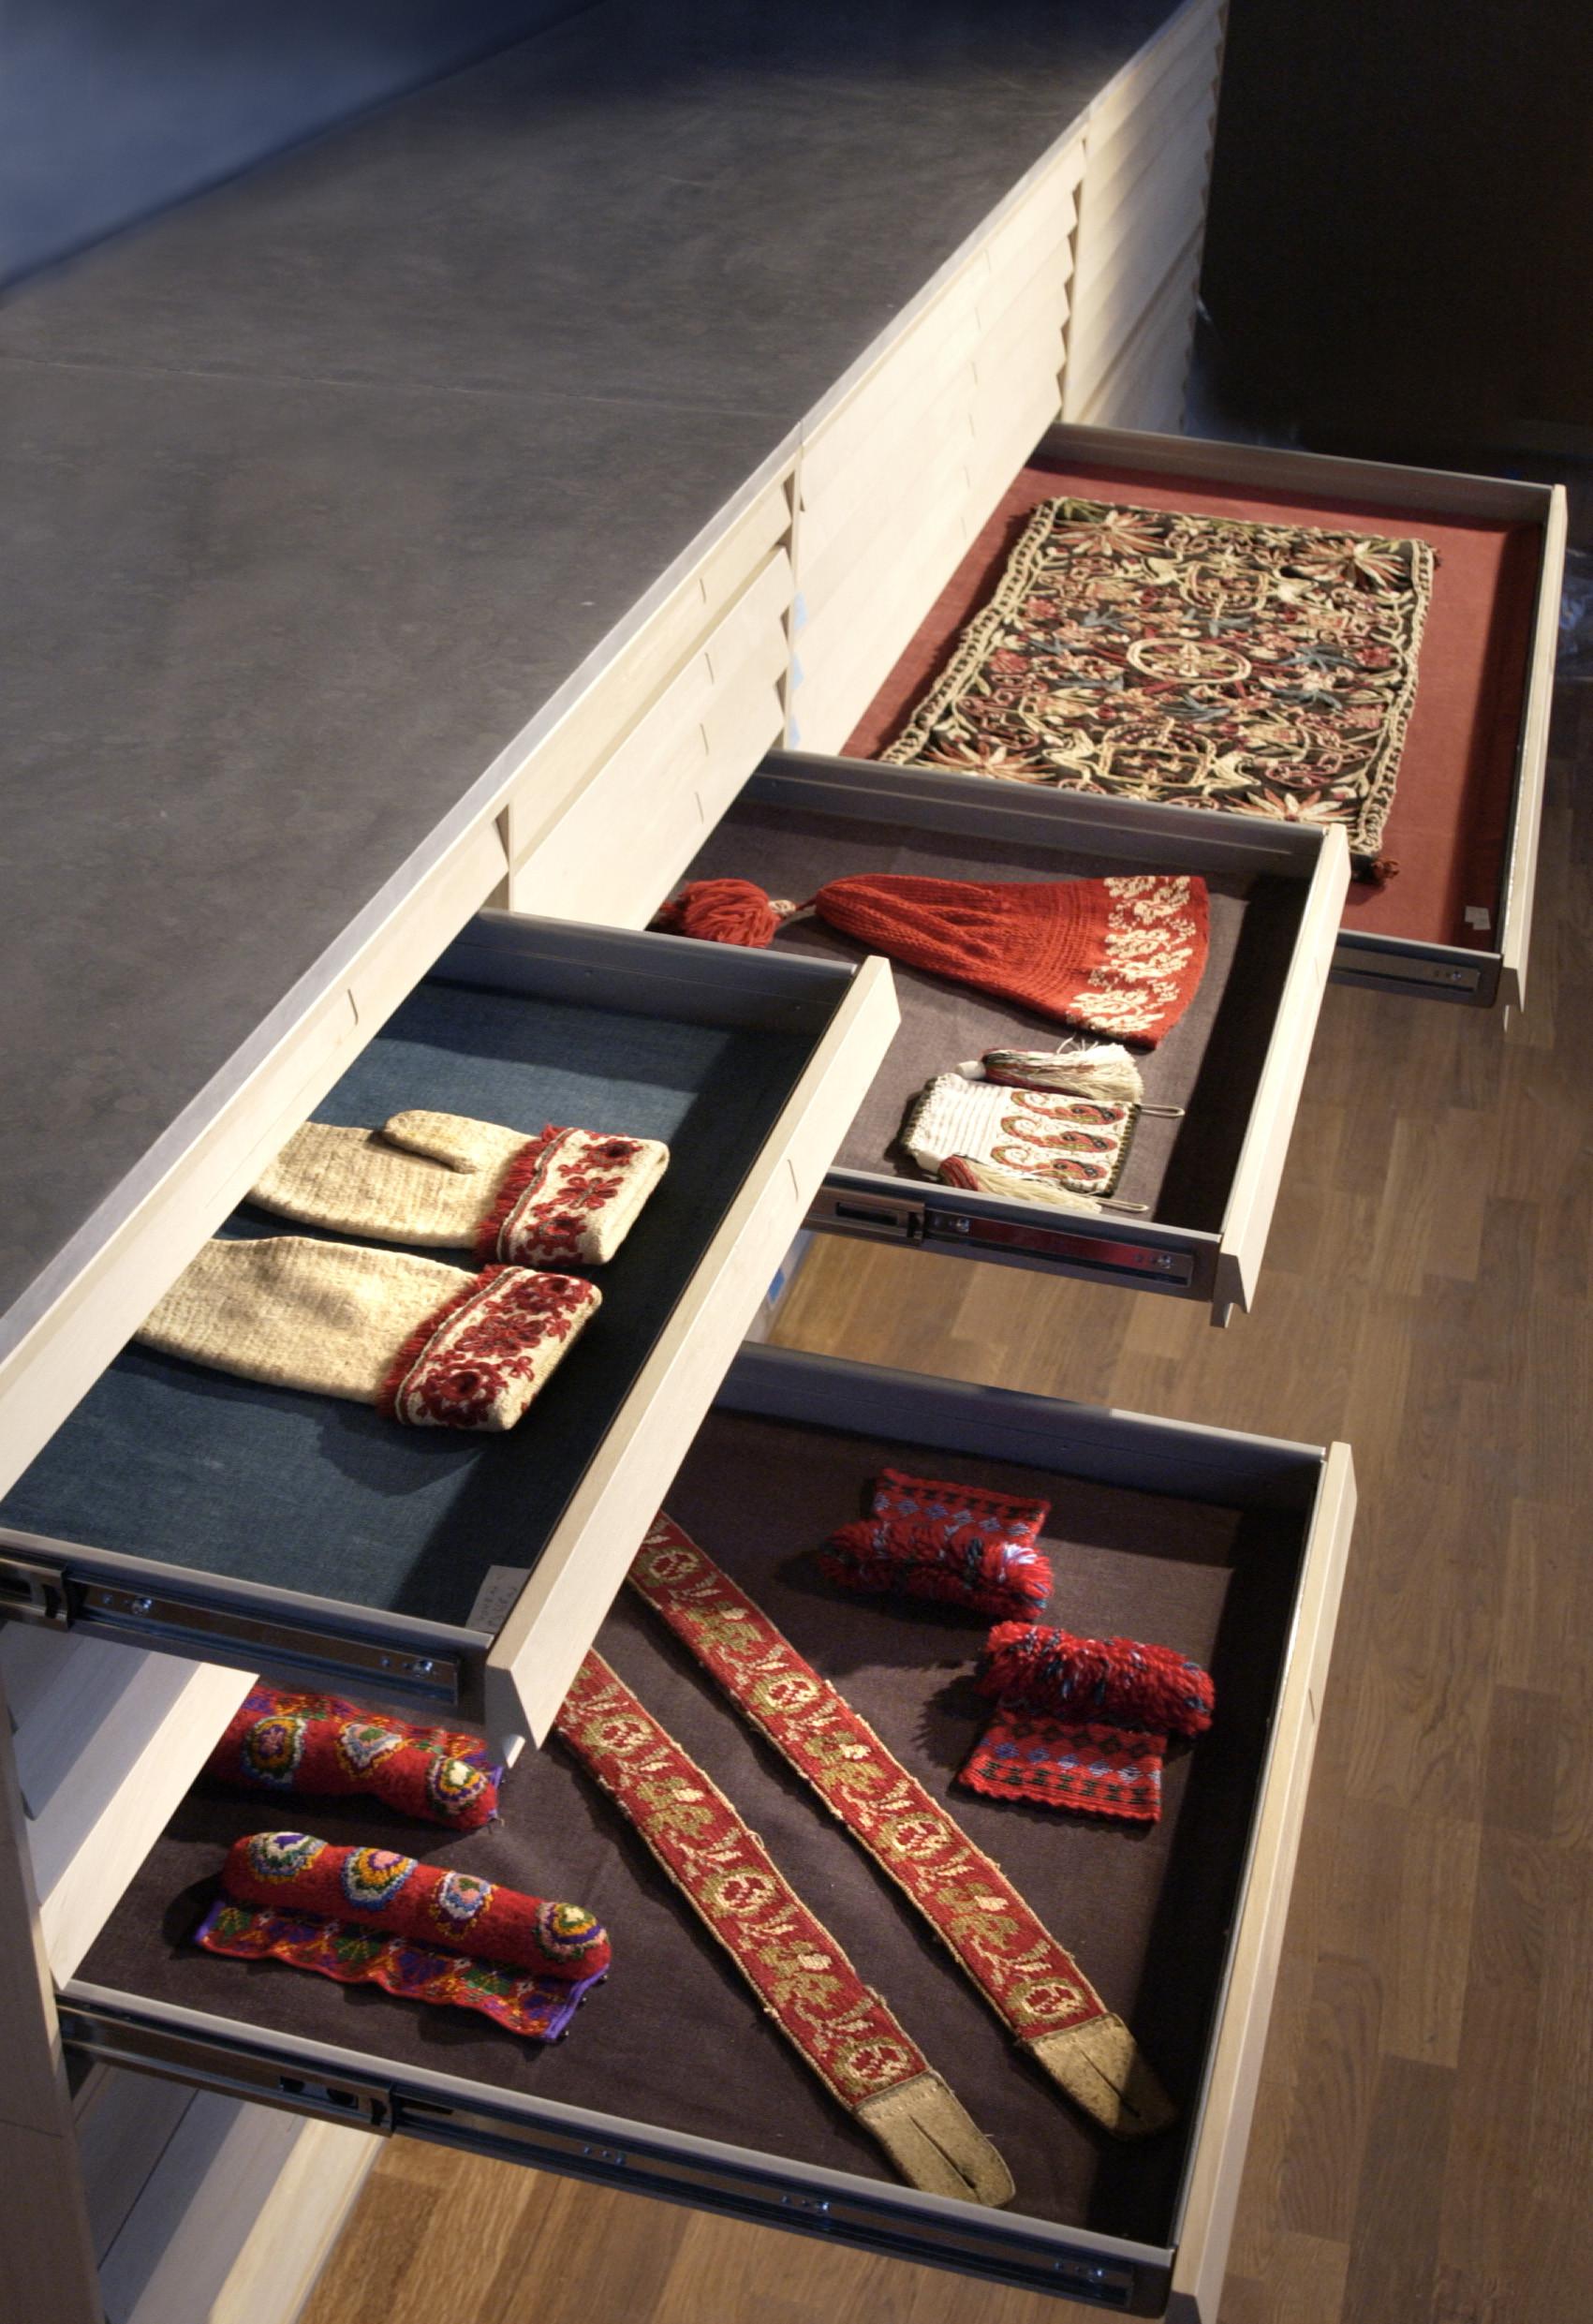 Draglåda I draglådorna kommer man riktigt nära textilierna. Foto: Mats Landin, ©Nordiska museet.